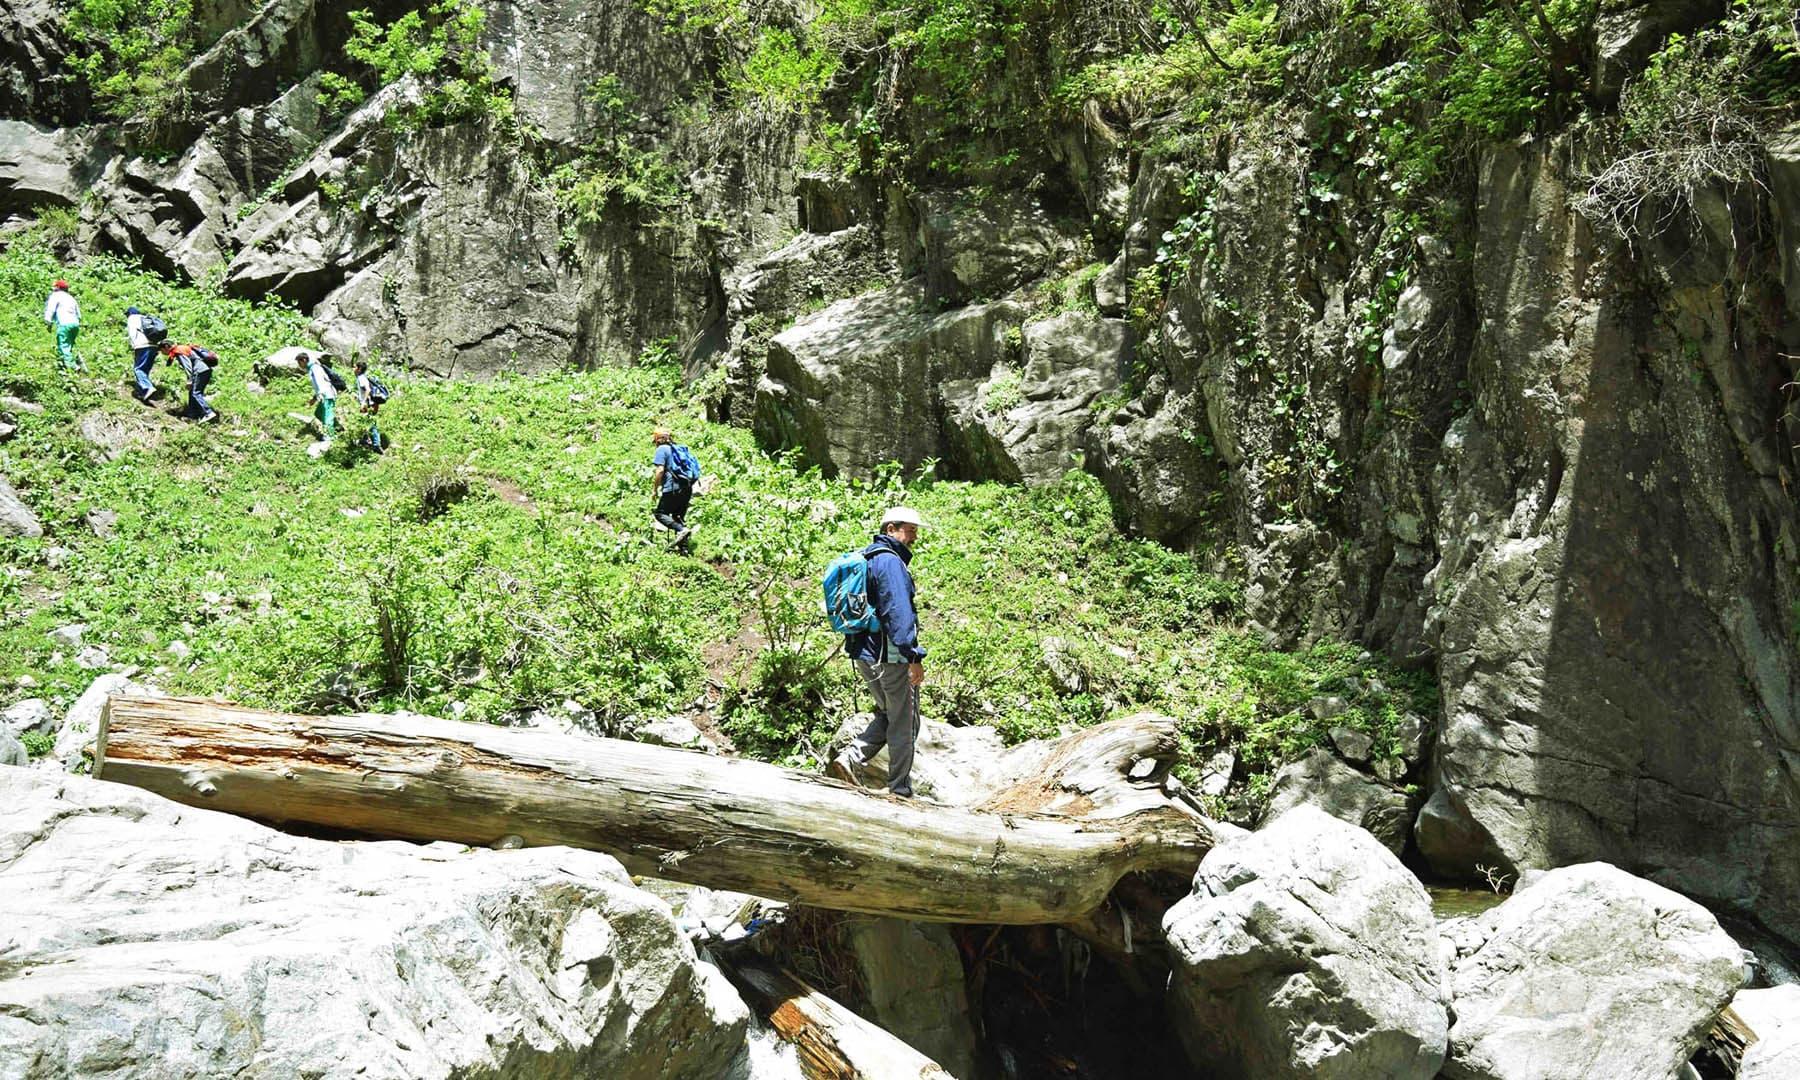 جادوئی آبشار کی طرف مقامی ٹریکرز کی پیش قدمی جاری ہے— تصویر امجد علی سحاب